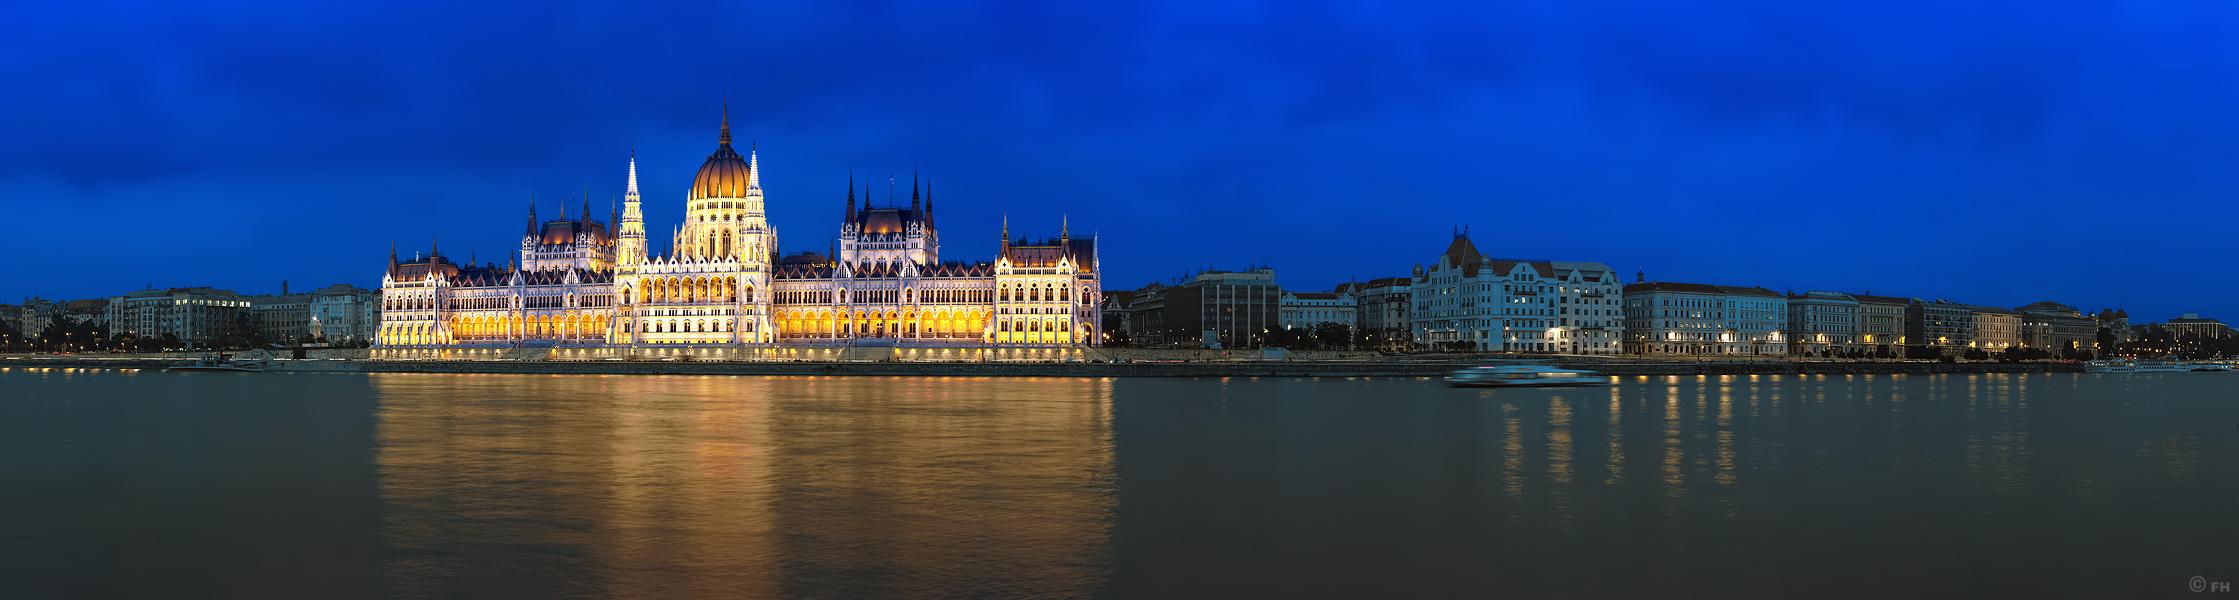 Budapest_1_Version_1 K_A